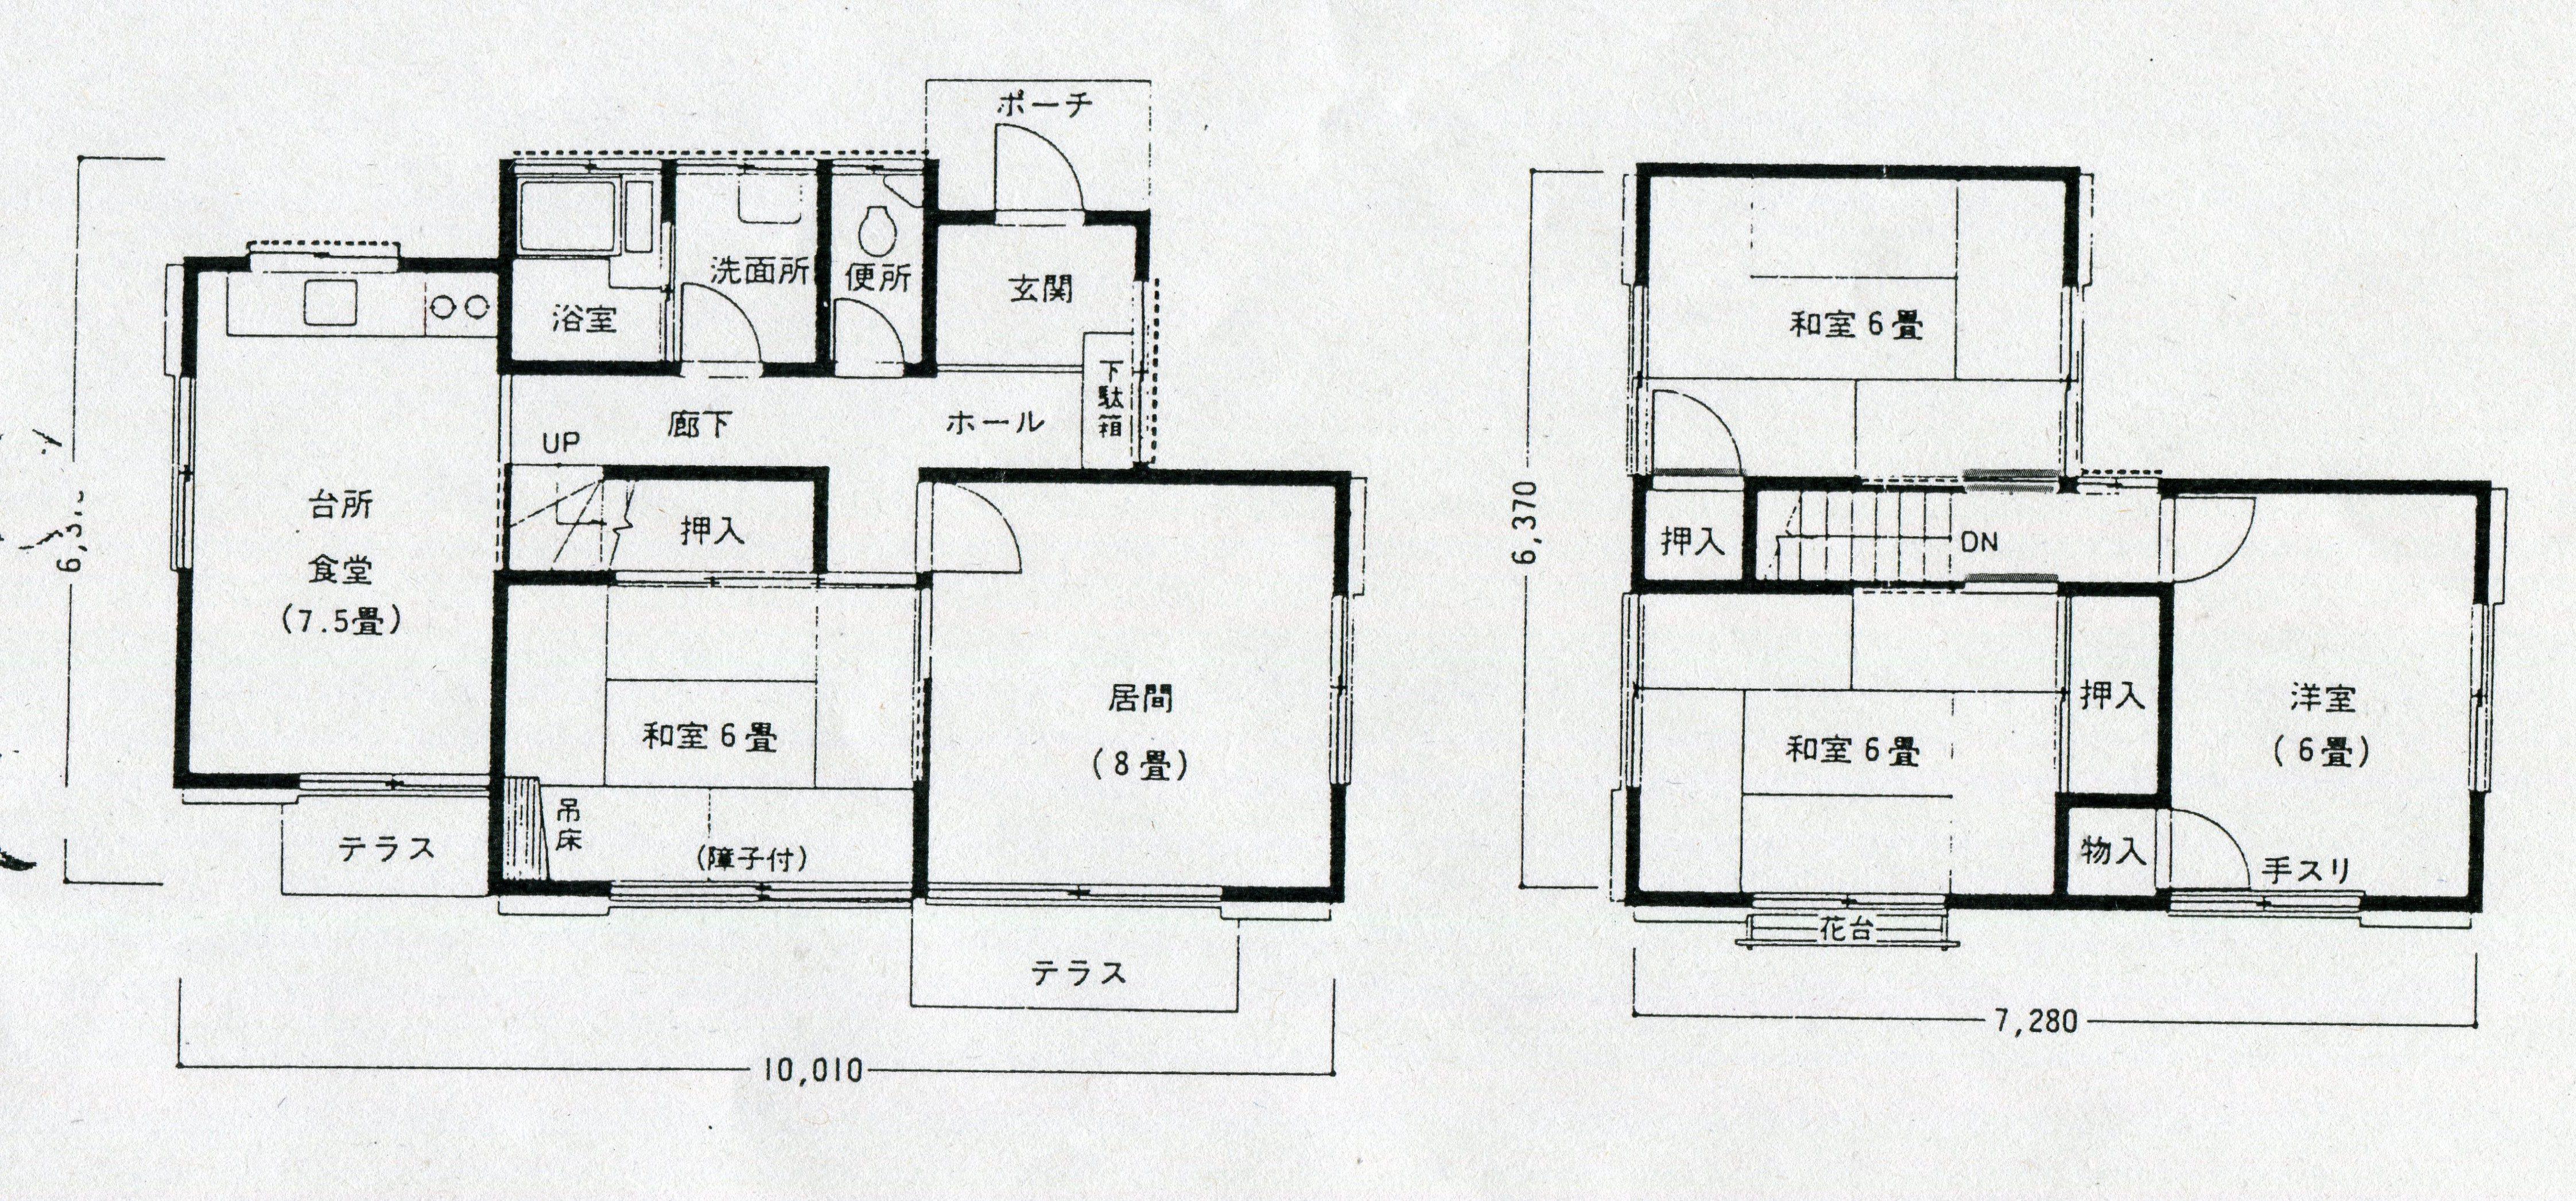 物件登録NO.2_図面